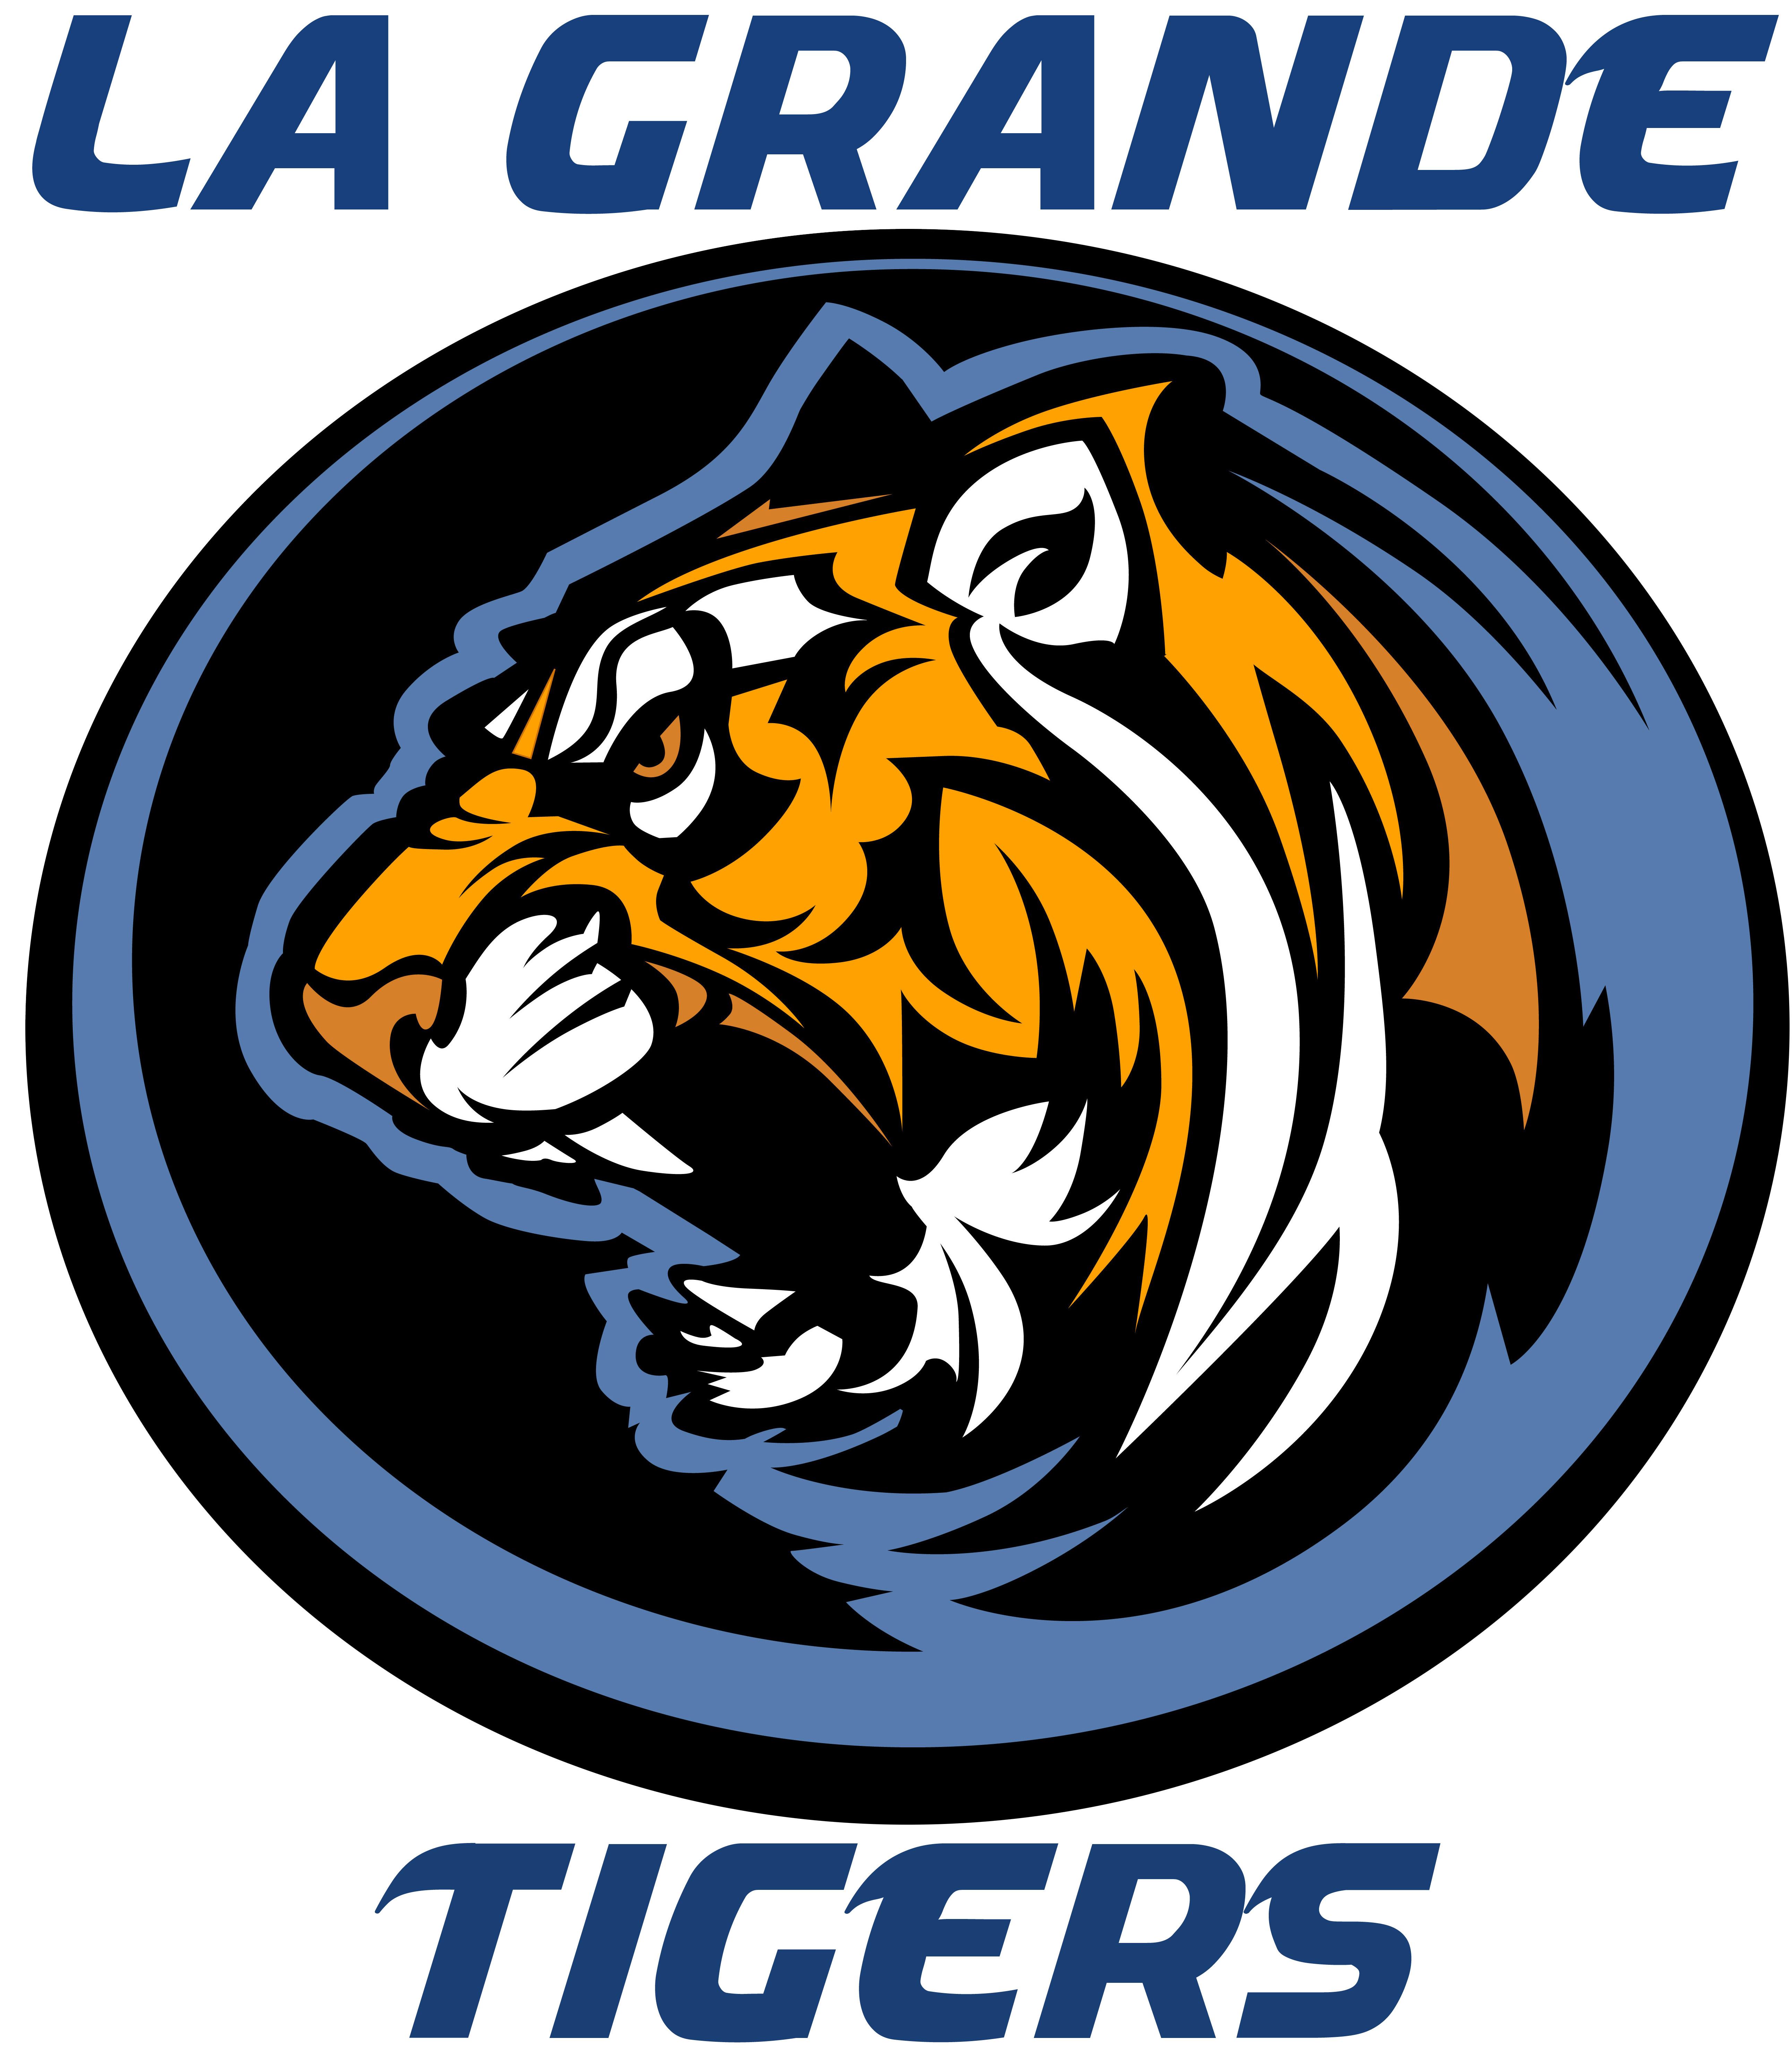 La Grande High School Tiger Logo